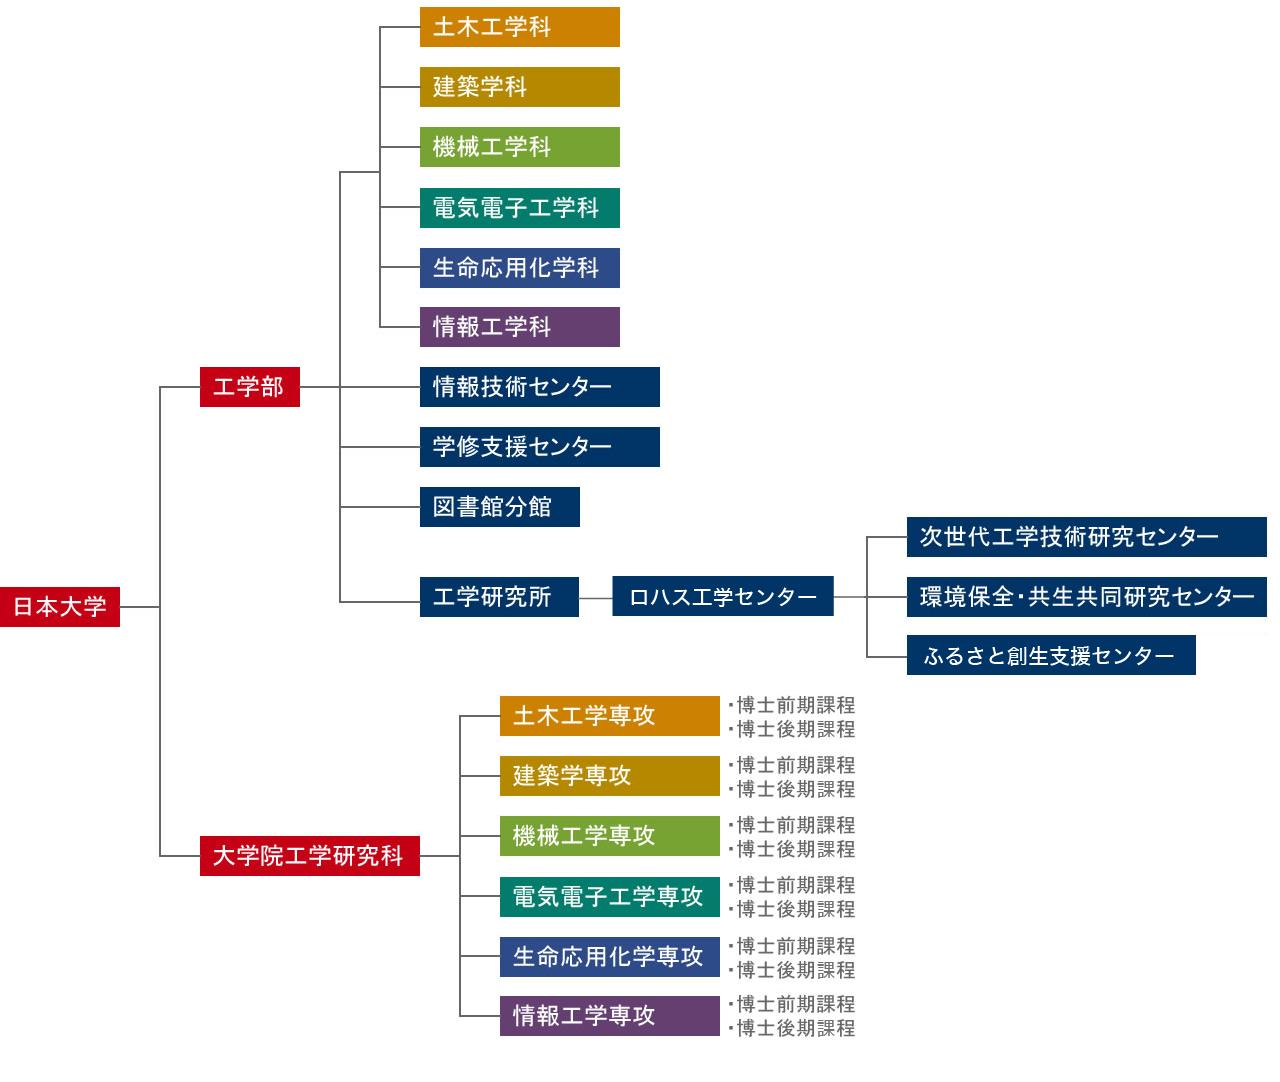 日本大学工学部組織図